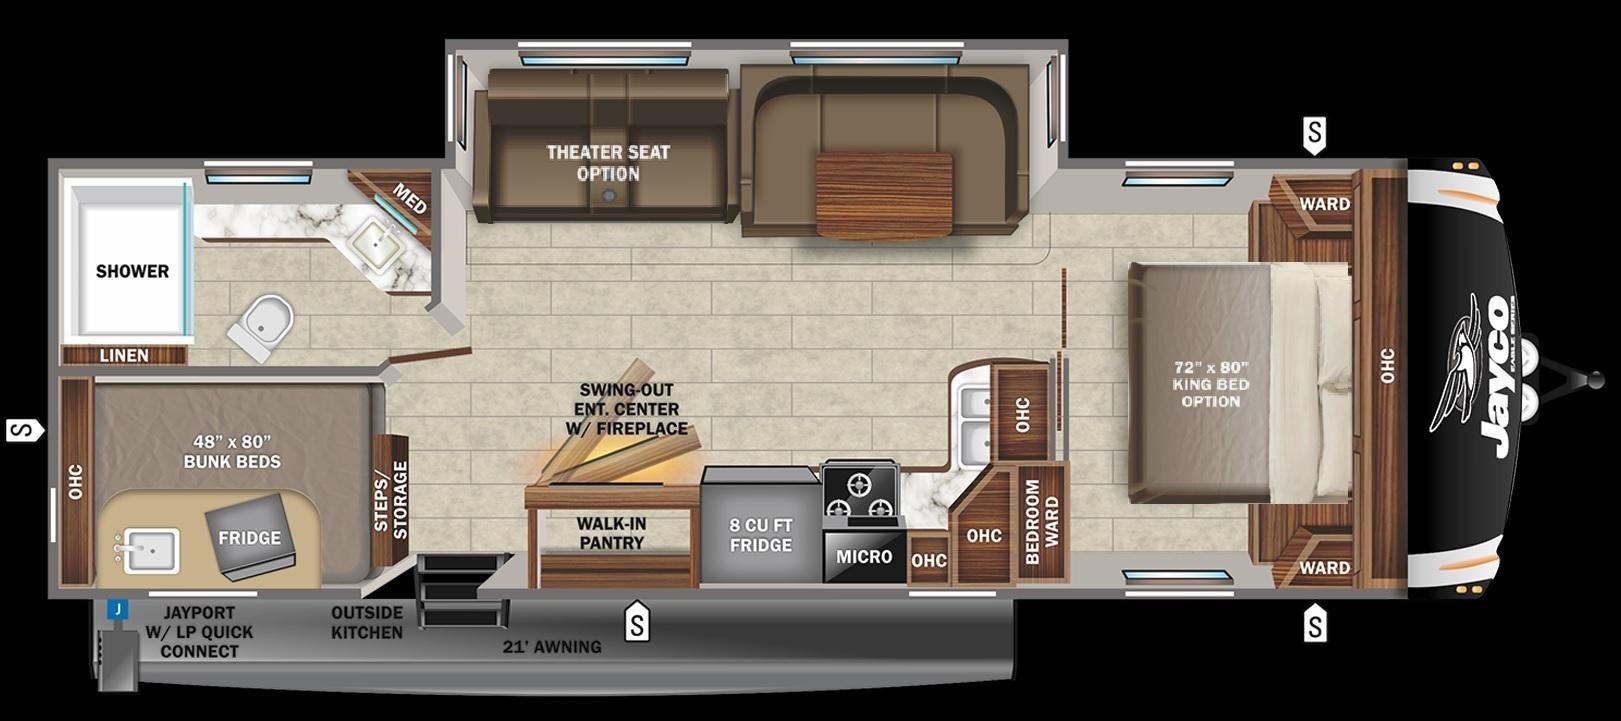 2022 Jayco Jay Flight Elite GL 32BHDS Floorplan